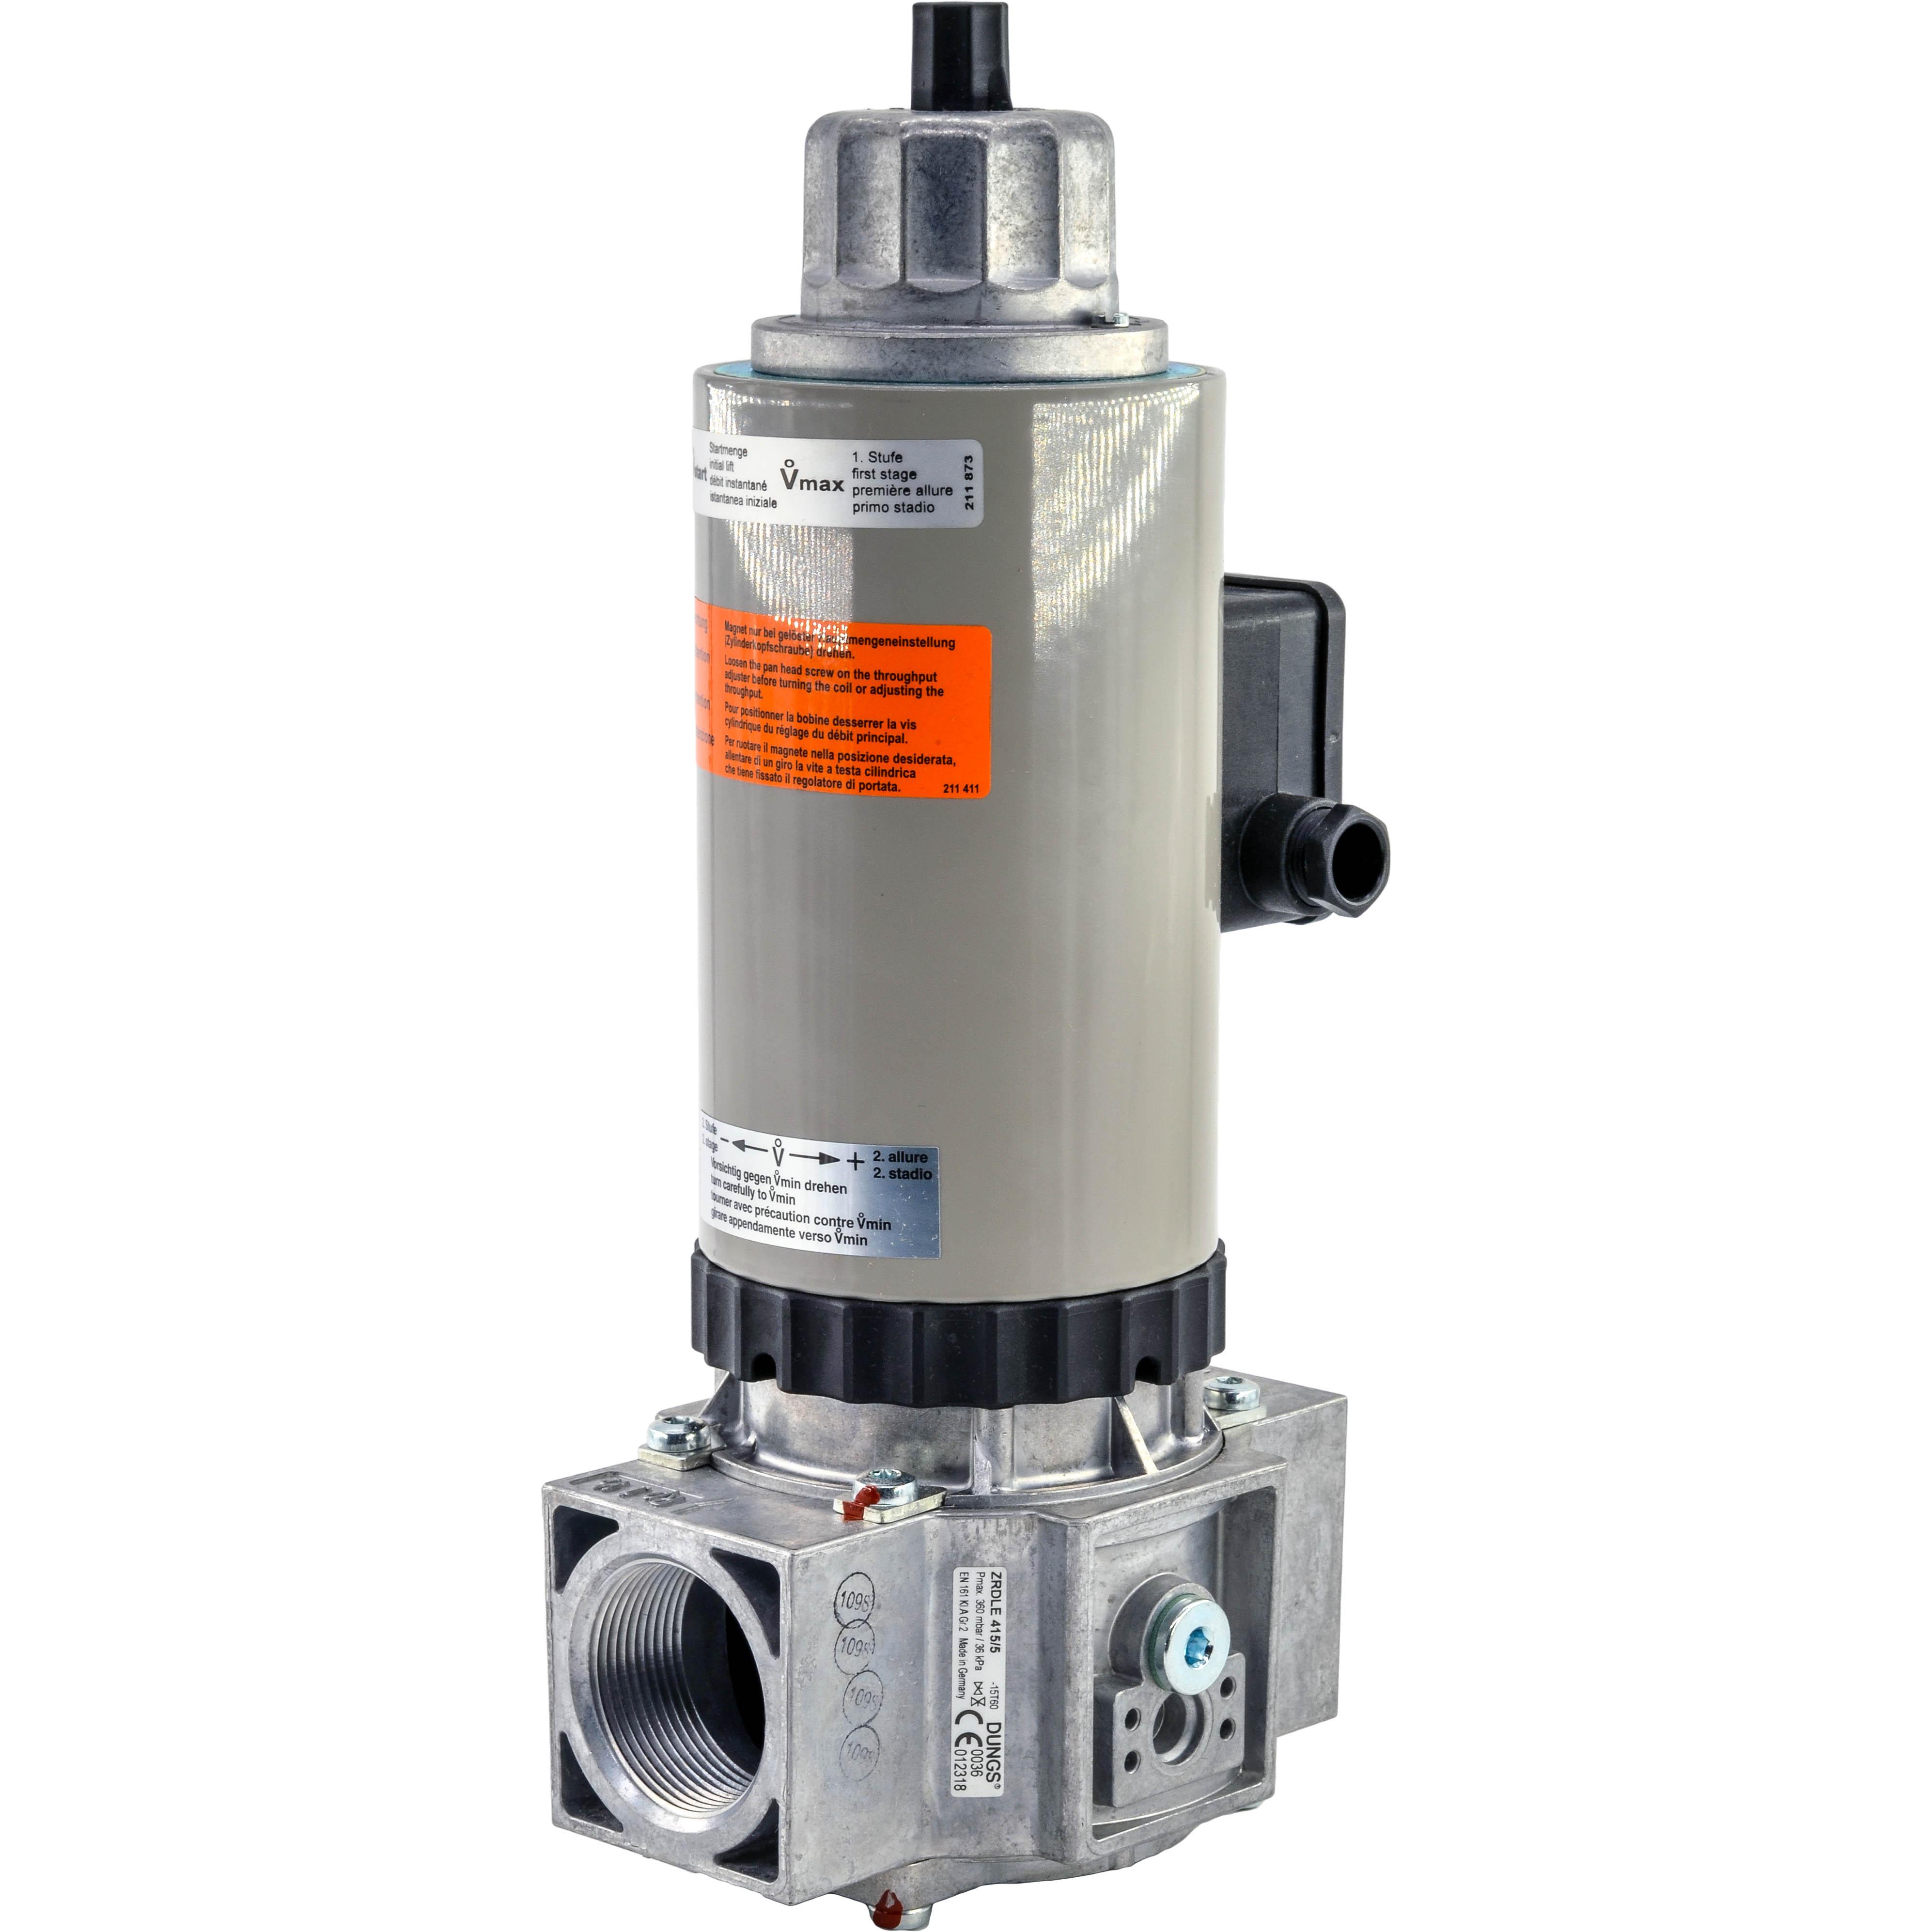 Электромагнитный клапан ZRLE 420/5 DUNGS цена, купить